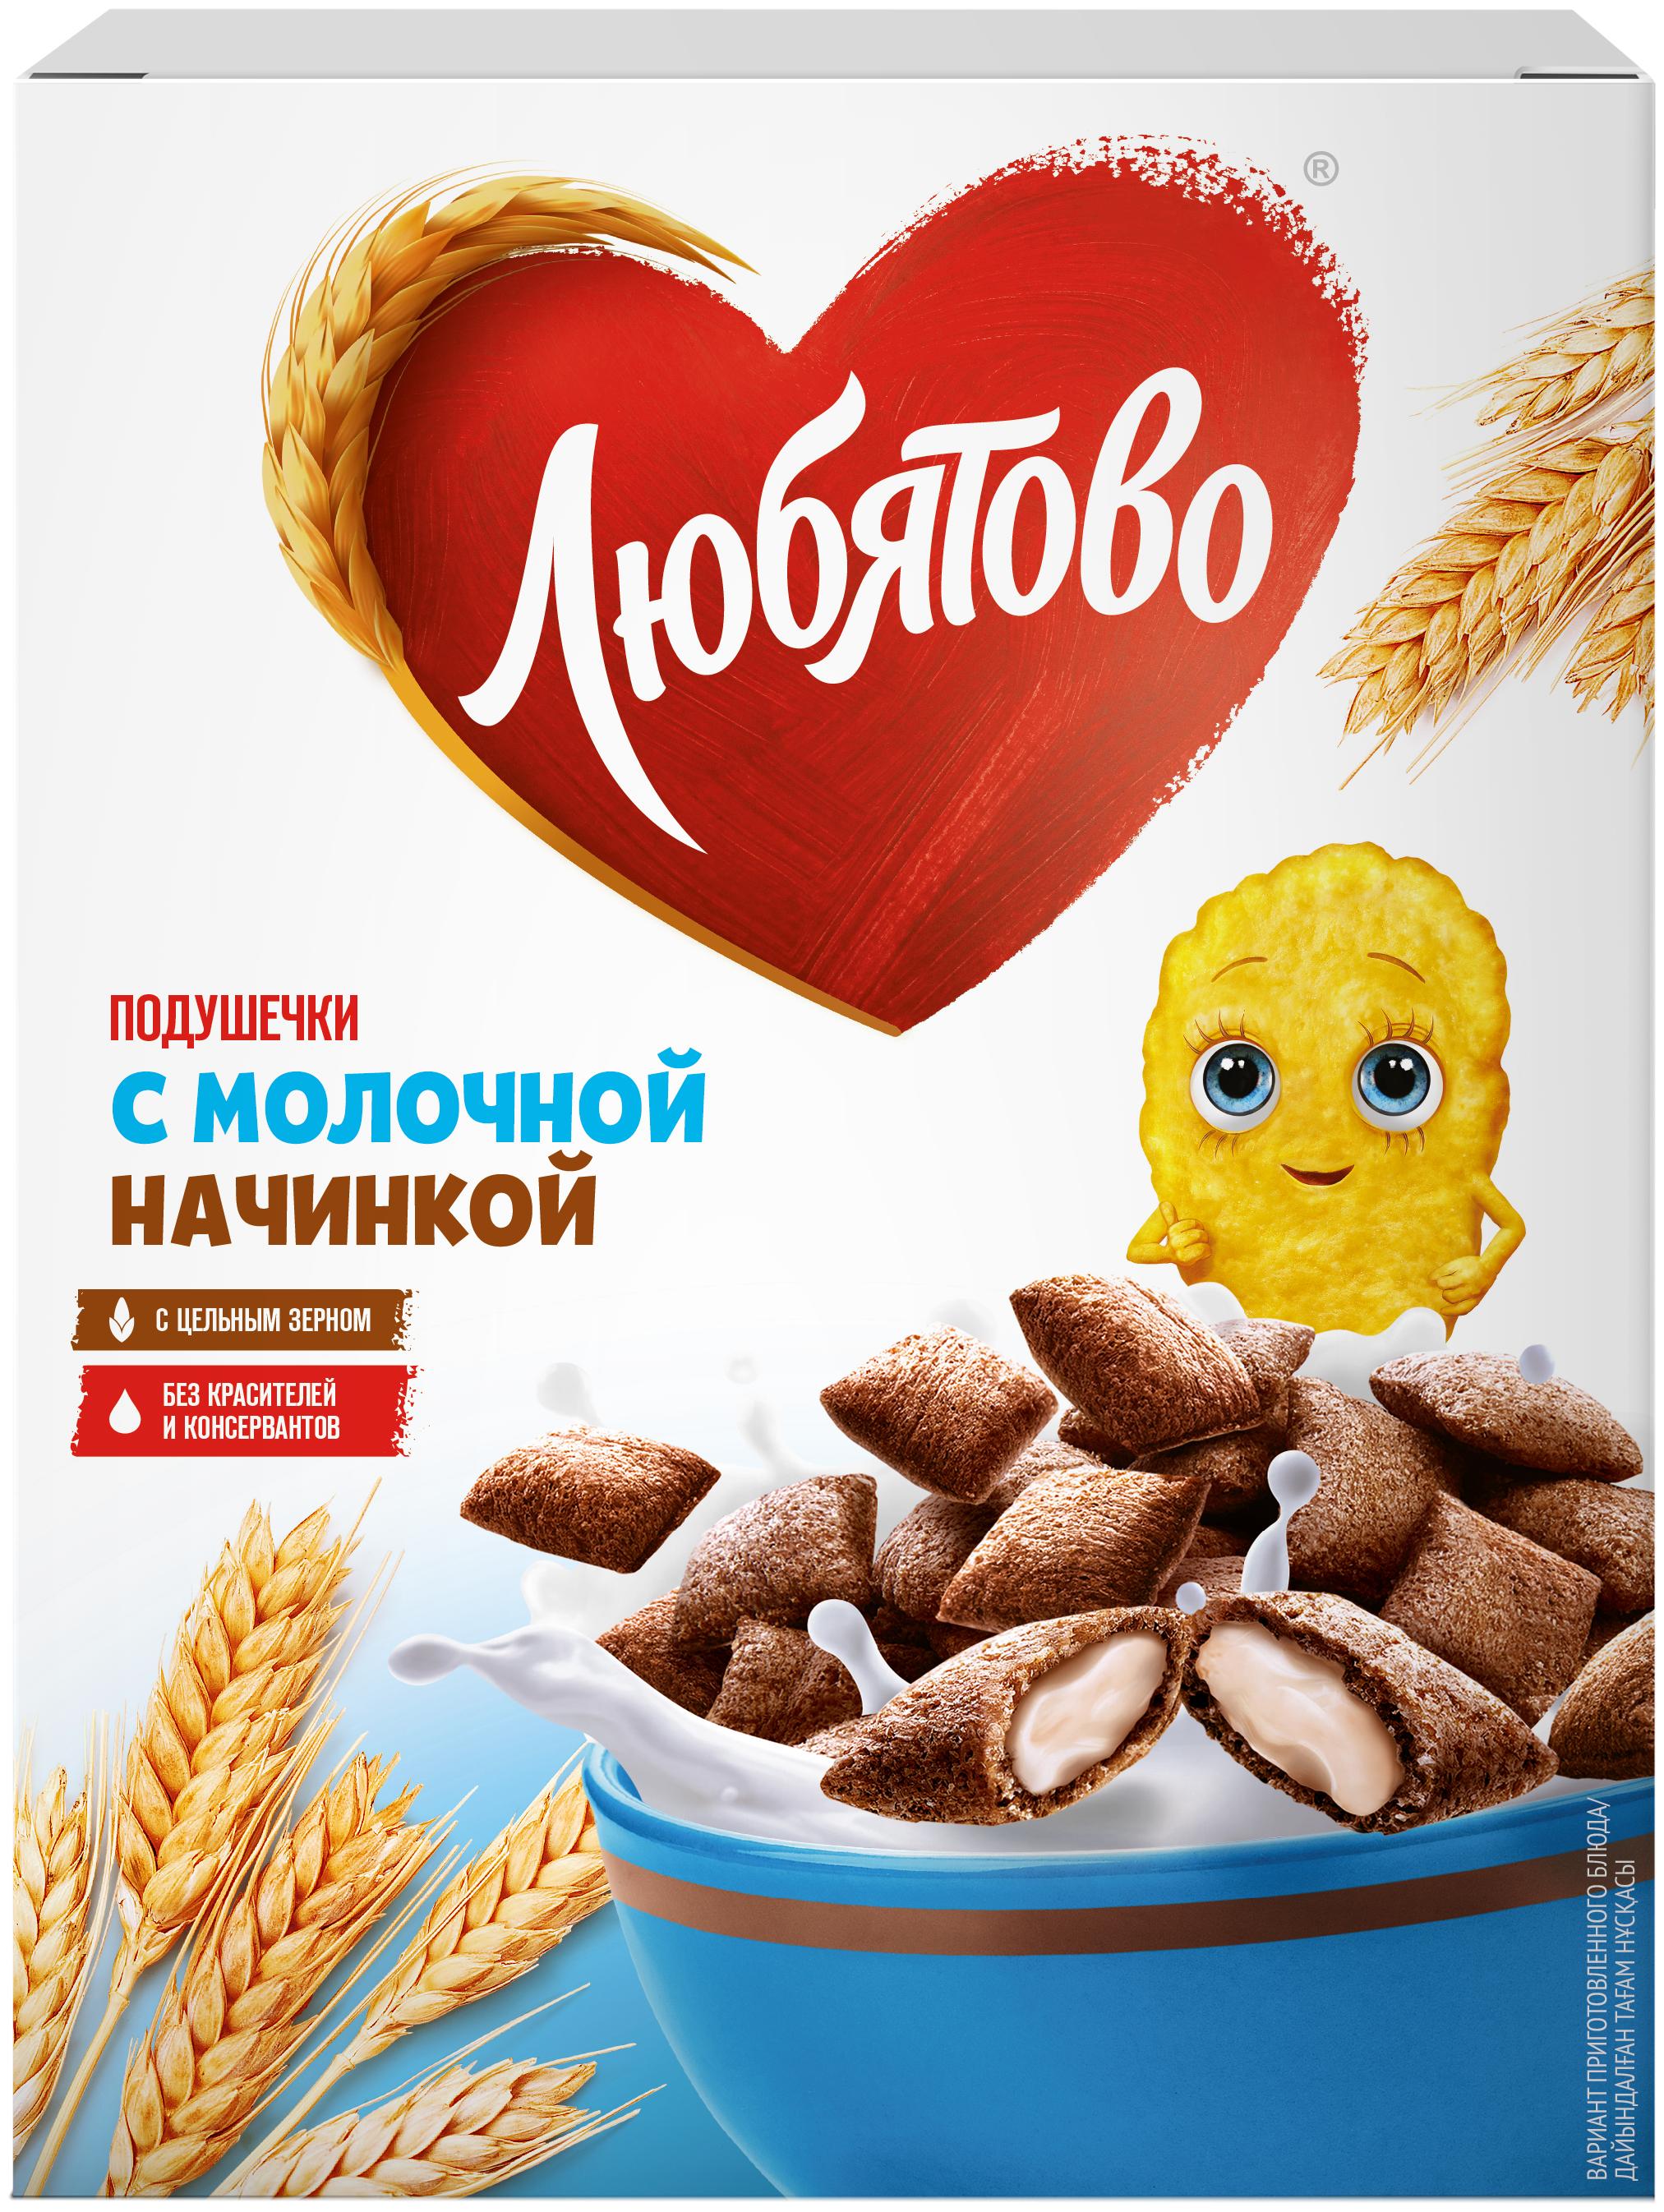 Купить Готовый завтрак Любятово Подушечки с молочной начинкой, коробка, 250 г по низкой цене с доставкой из Яндекс.Маркета